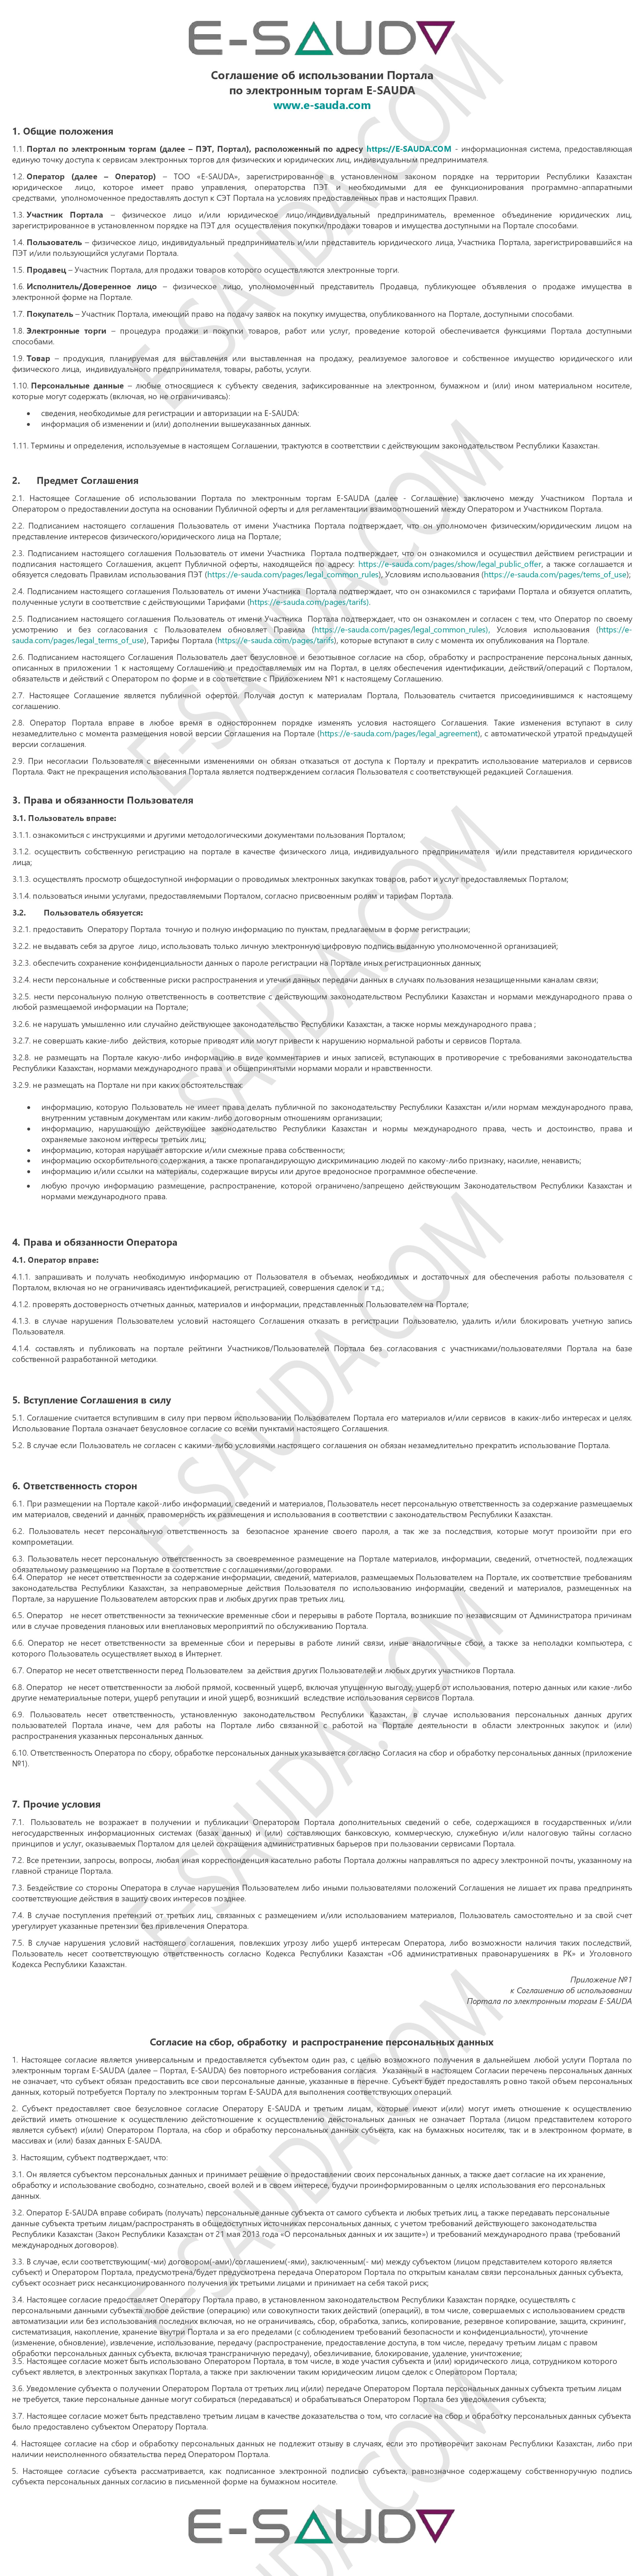 Юридические аспекты E-SAUDA